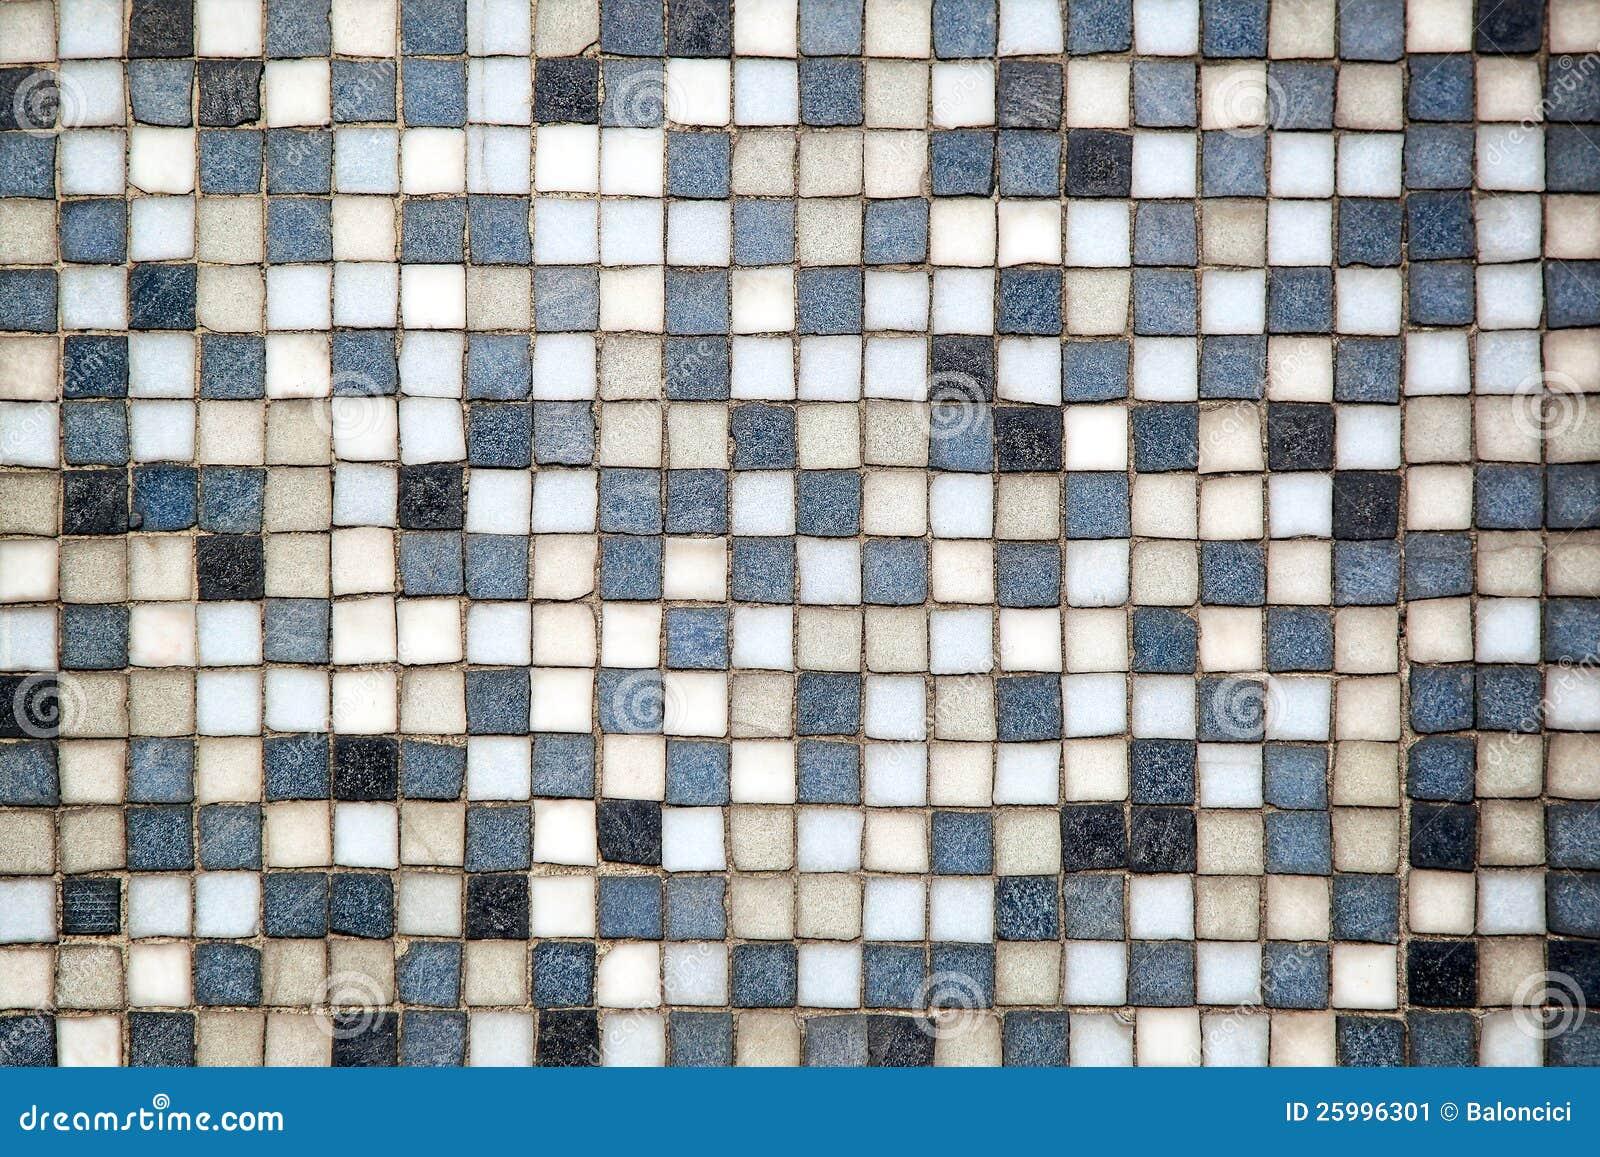 mattonelle di mosaico immagine stock immagine 25996301